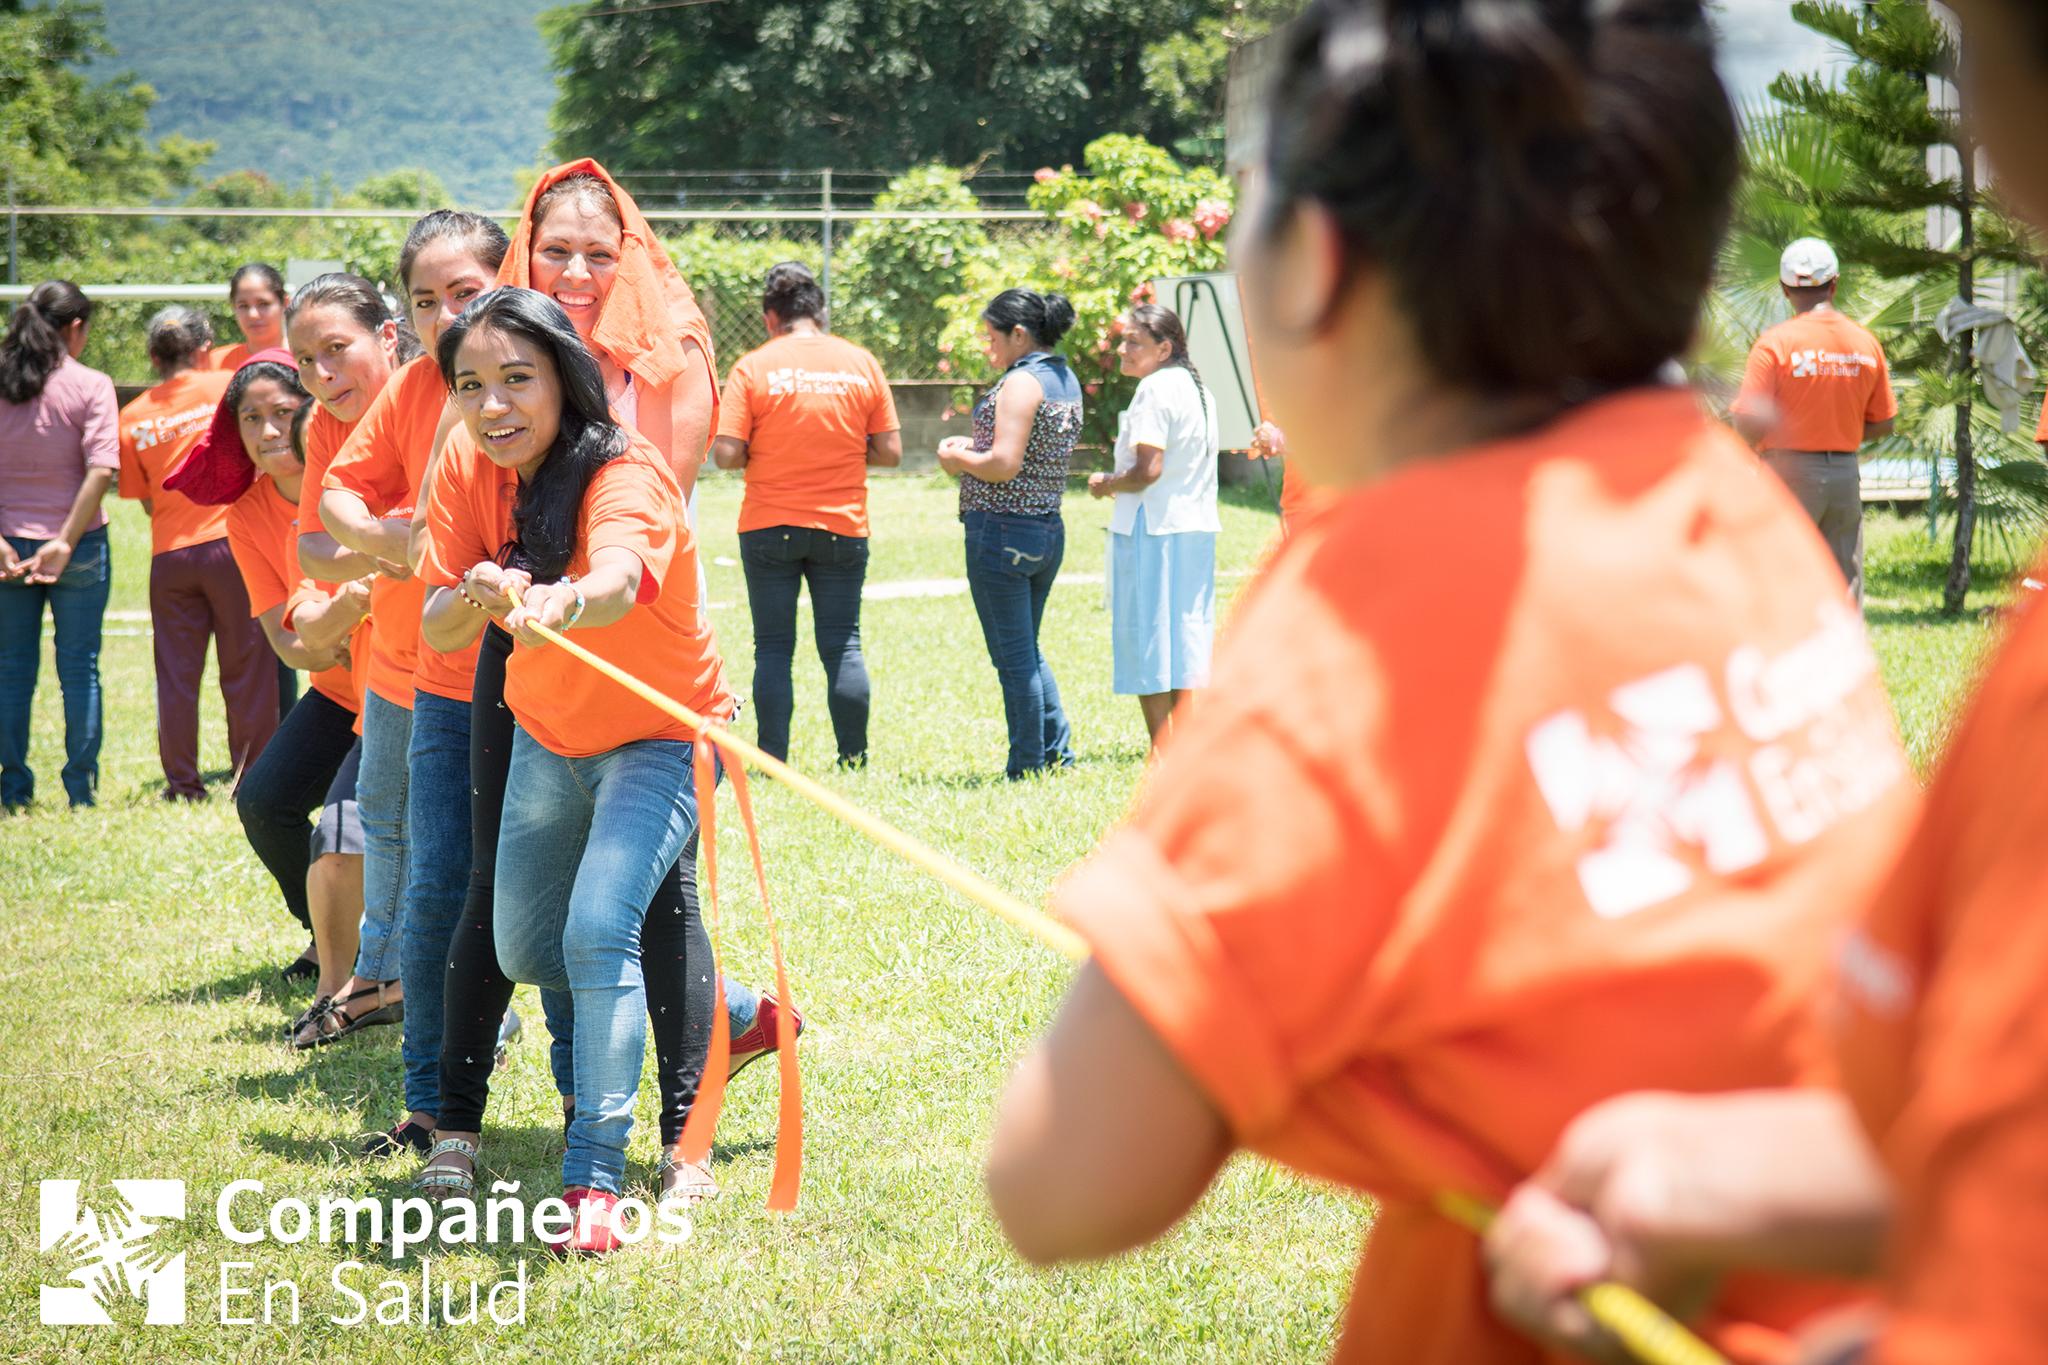 Nuestras acompañantes participan en un juego de la soga durante la celebración de acompañantes.